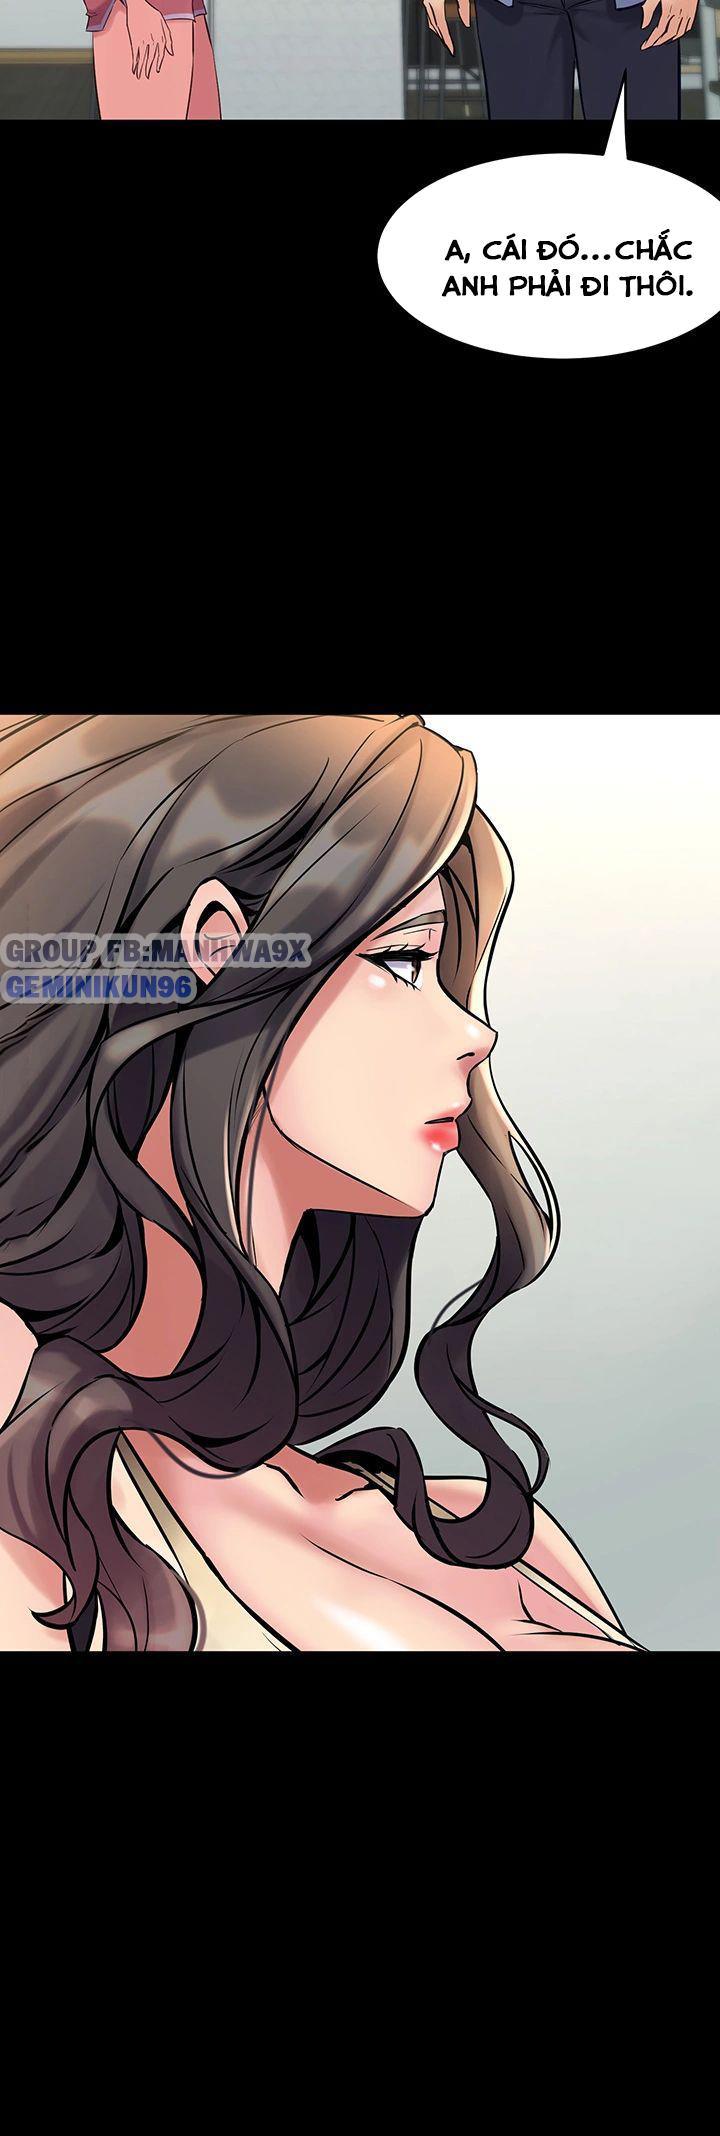 Sống Chung Với Vợ Cũ - Ex Wife Chapter 67 - Trang 26